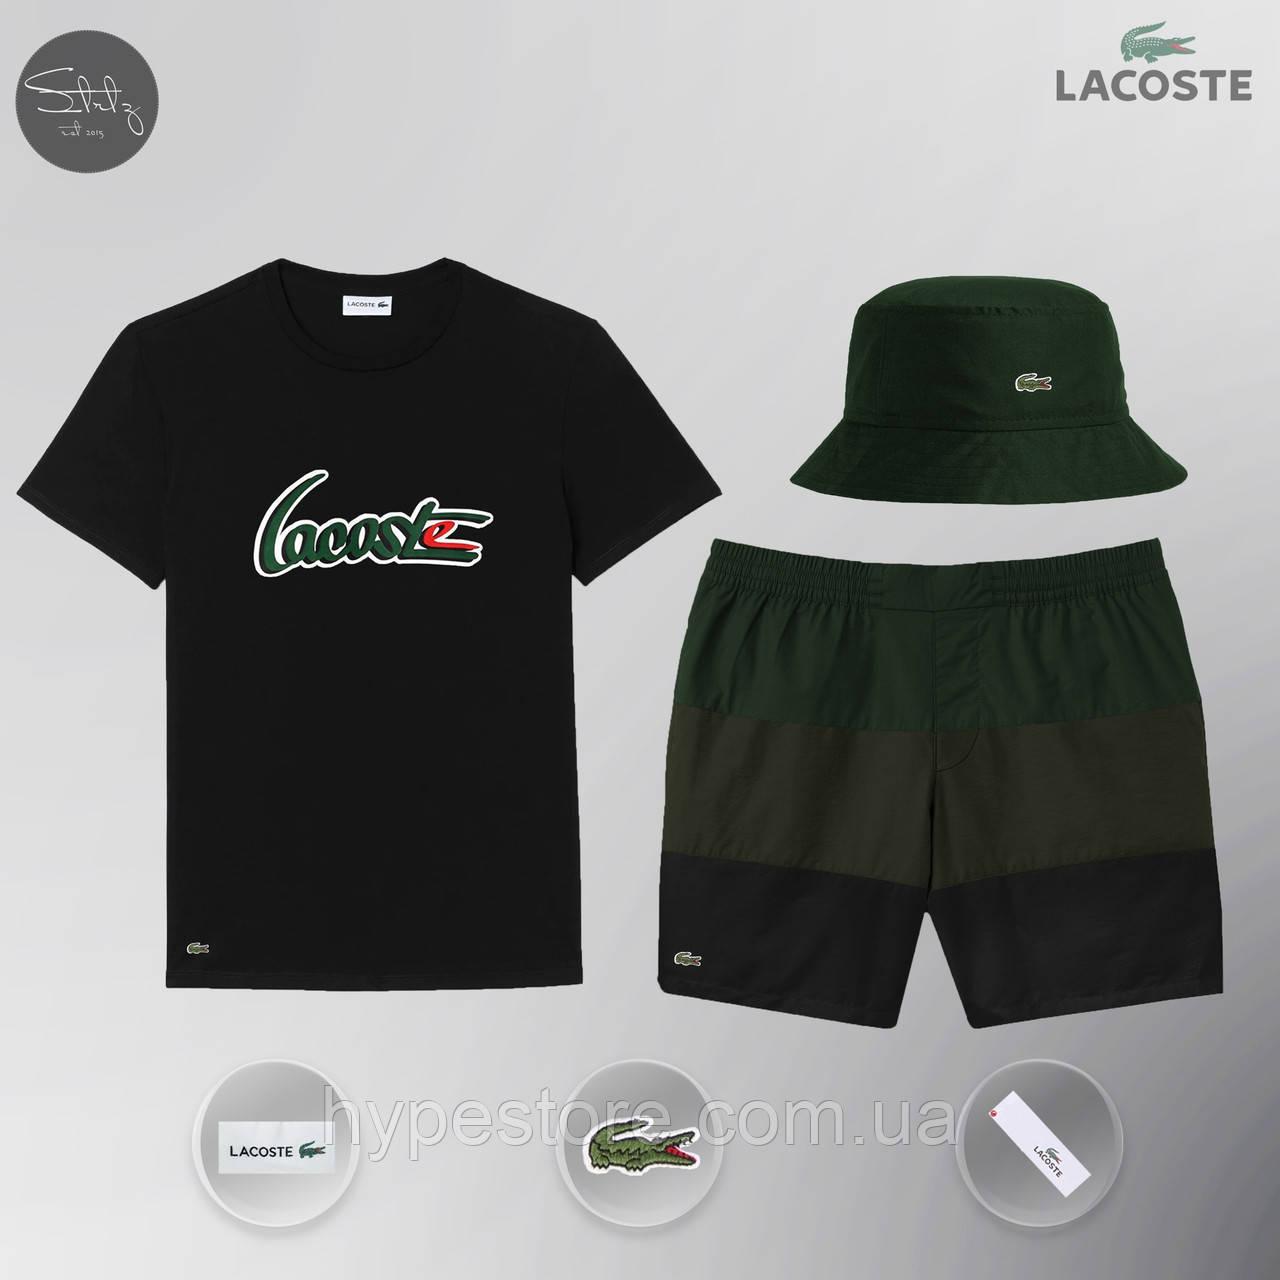 Летний спортивный комплект, мужской пляжный комплект Lacoste, шорты+футболка, панама, Реплика